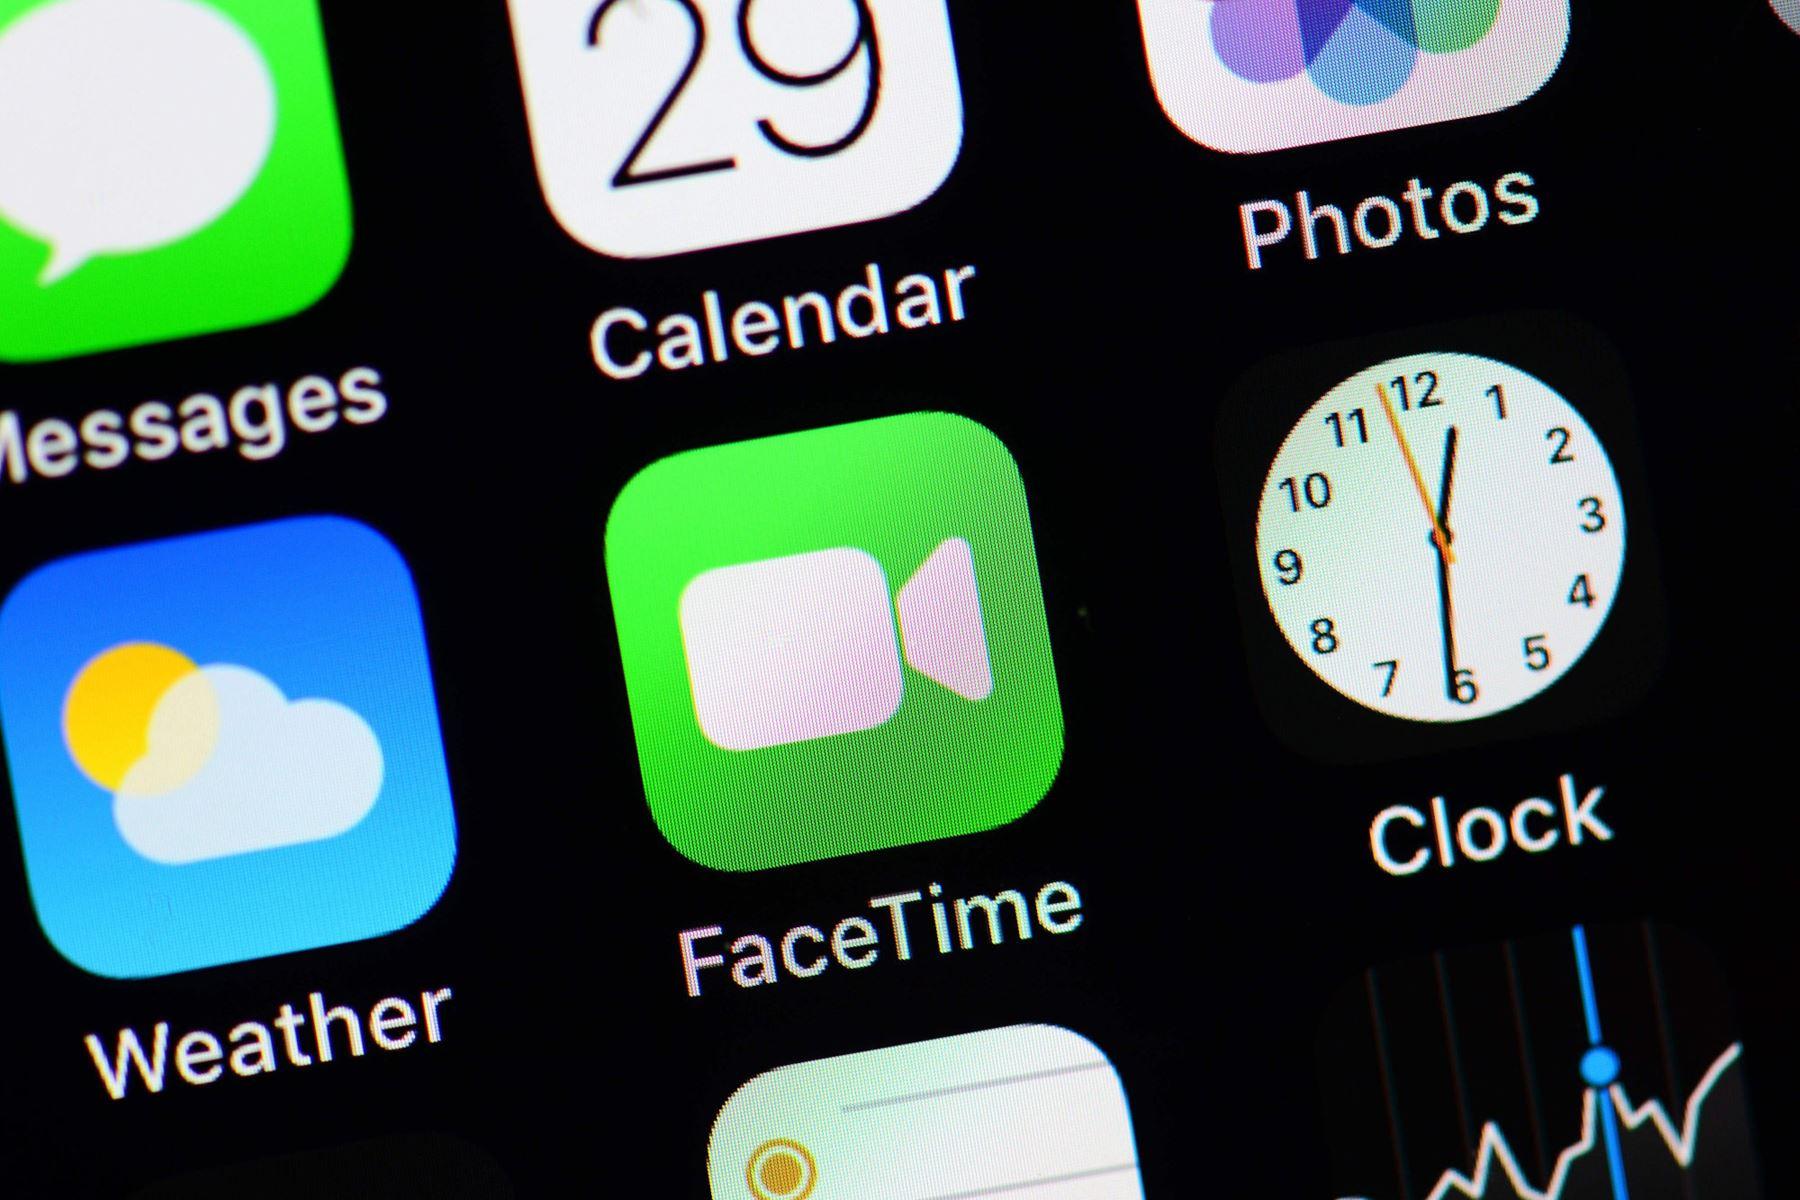 En fejl ved gruppeopkald på FaceTime har fået Apple til at lukke midlertidigt ned for funktionen. Læs, hvordan en teknologiredaktør forholder sig til fejlen